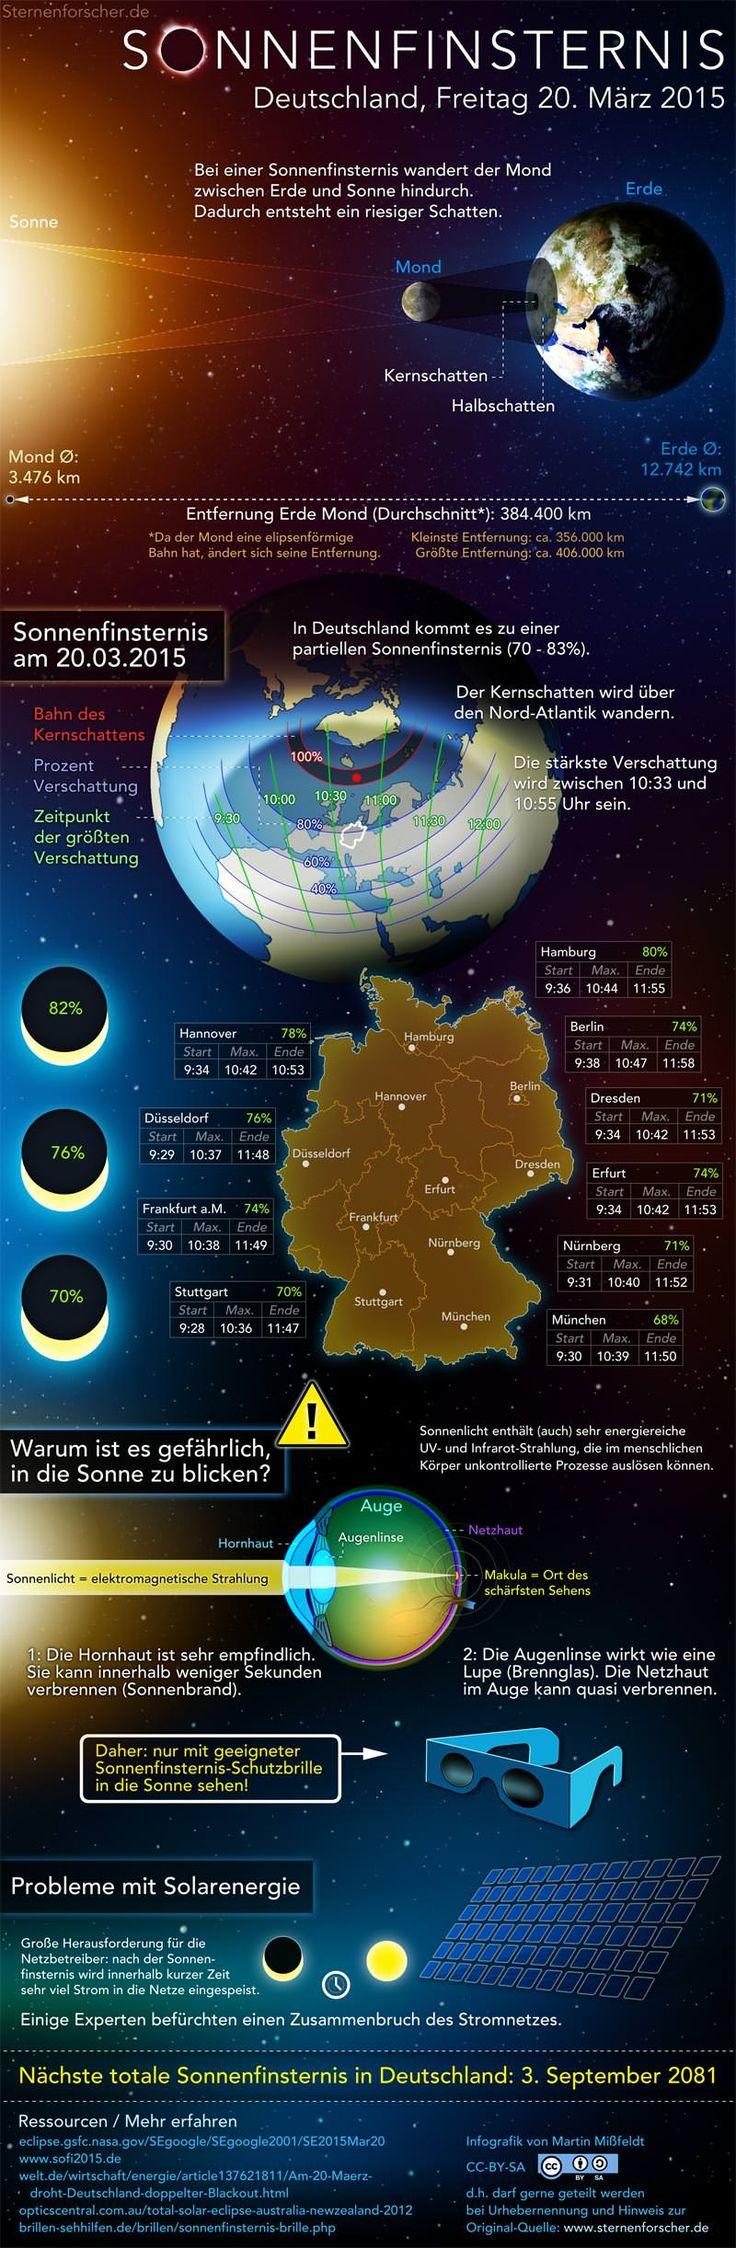 Sonnenfinsternis am 20.3.2015 in Deutschland - solar eclipse infographic